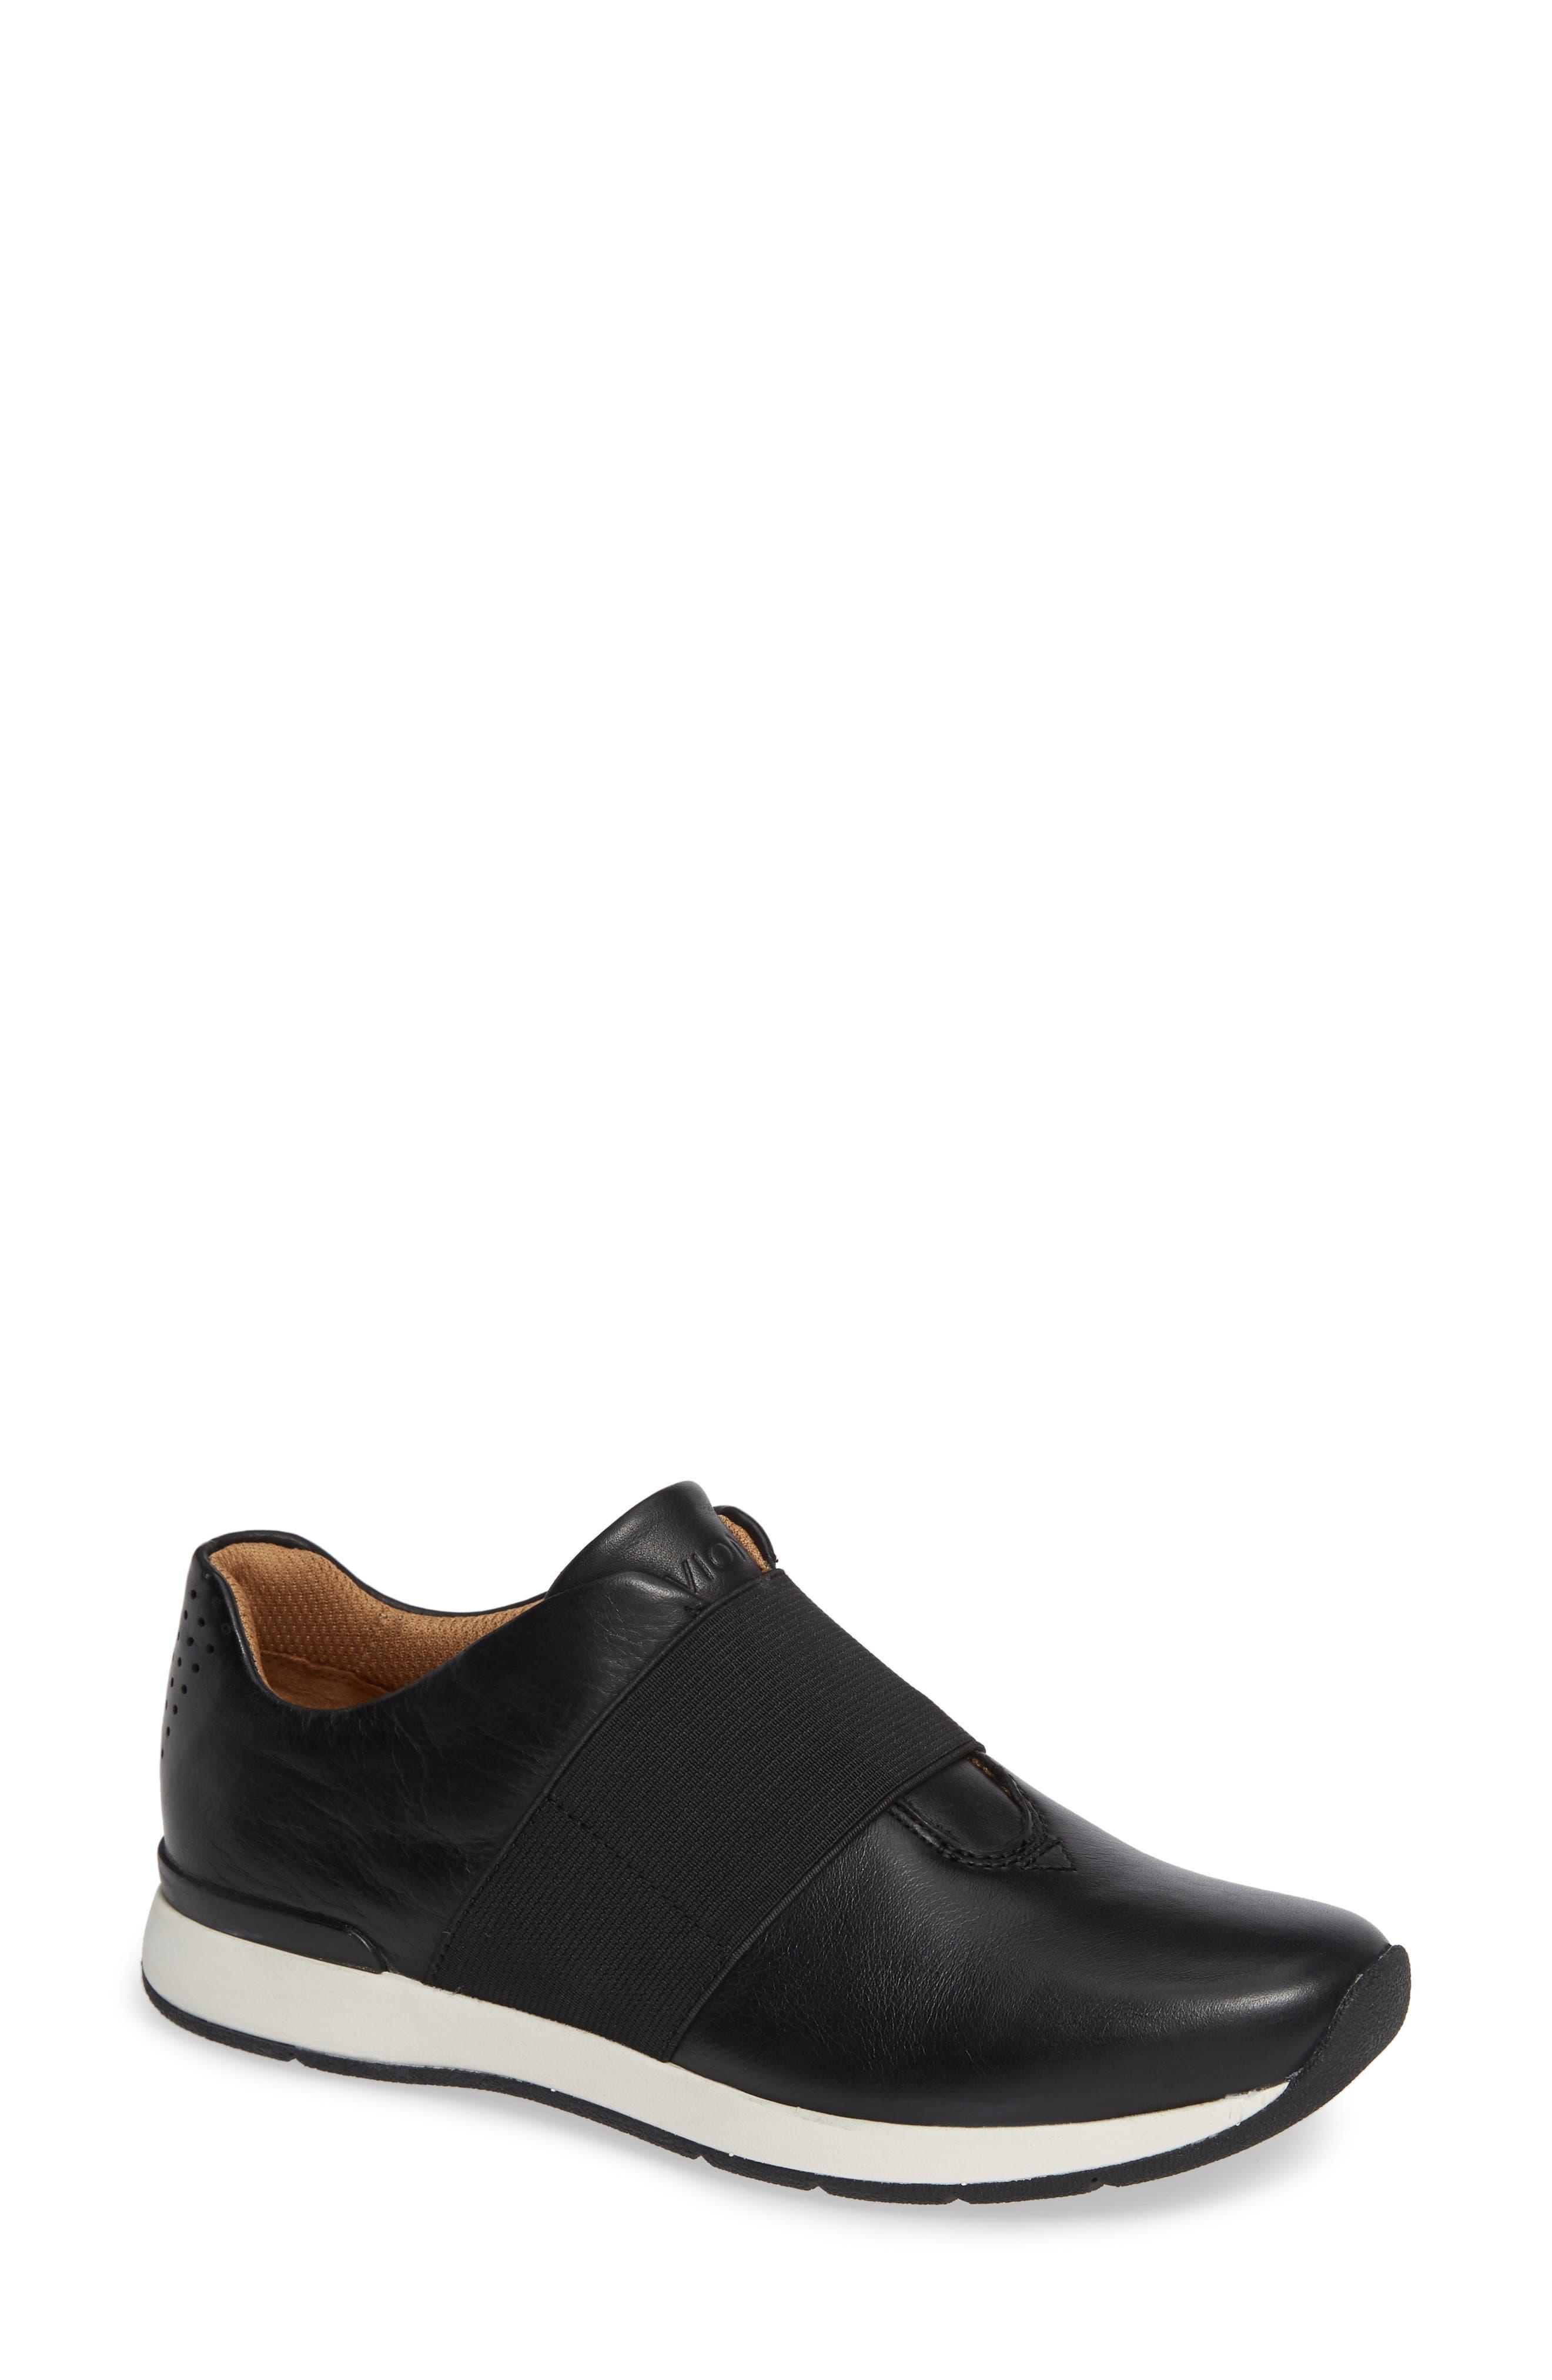 Vionic Codie Slip-On Sneaker- Black